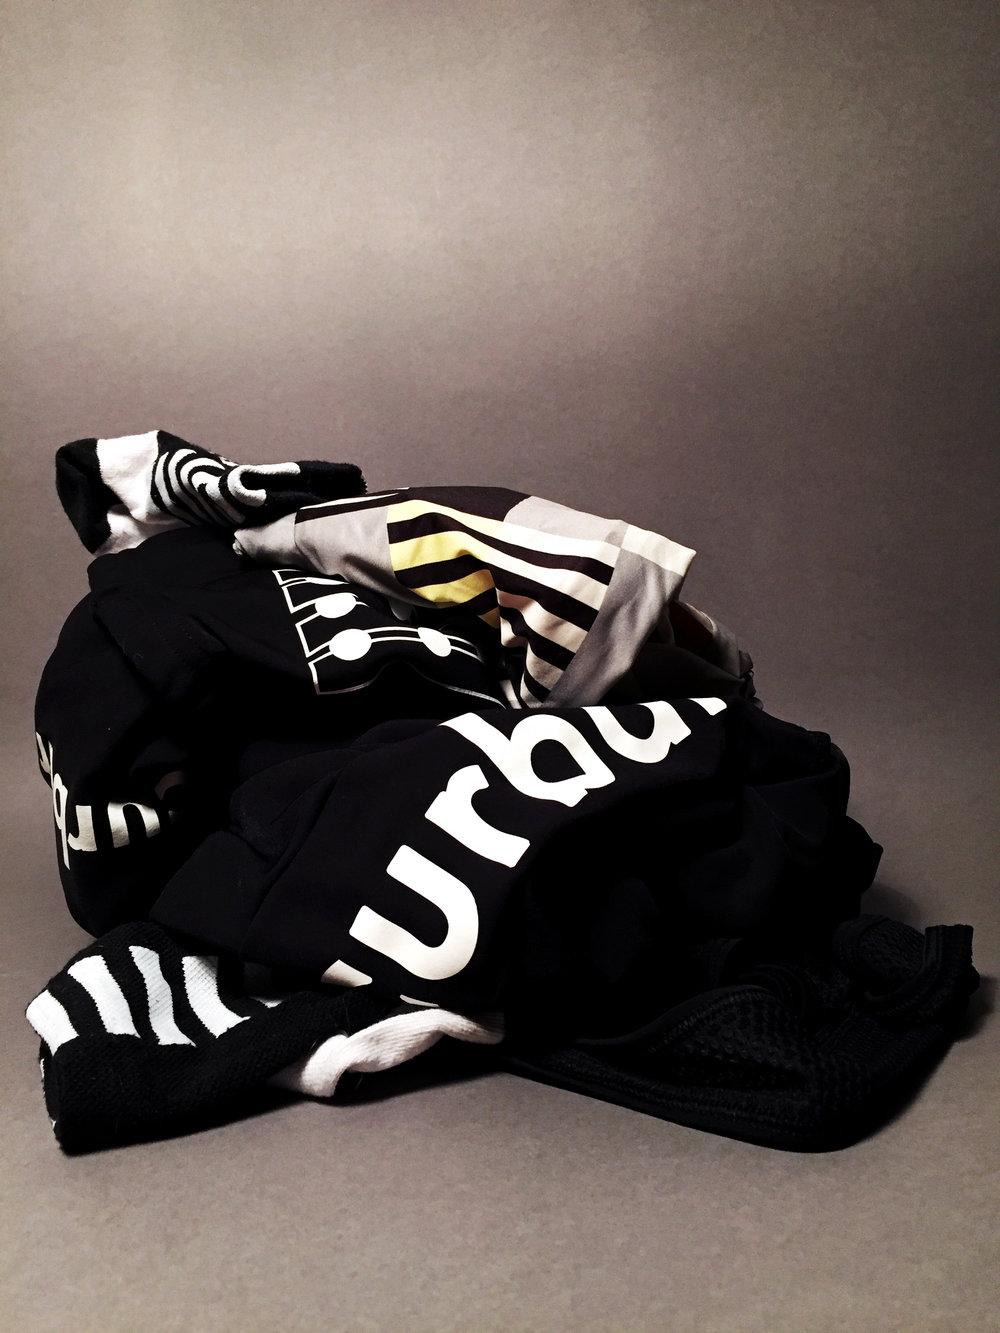 ls endurance jersey, ss comb jersey, classic bib tights, comb socks